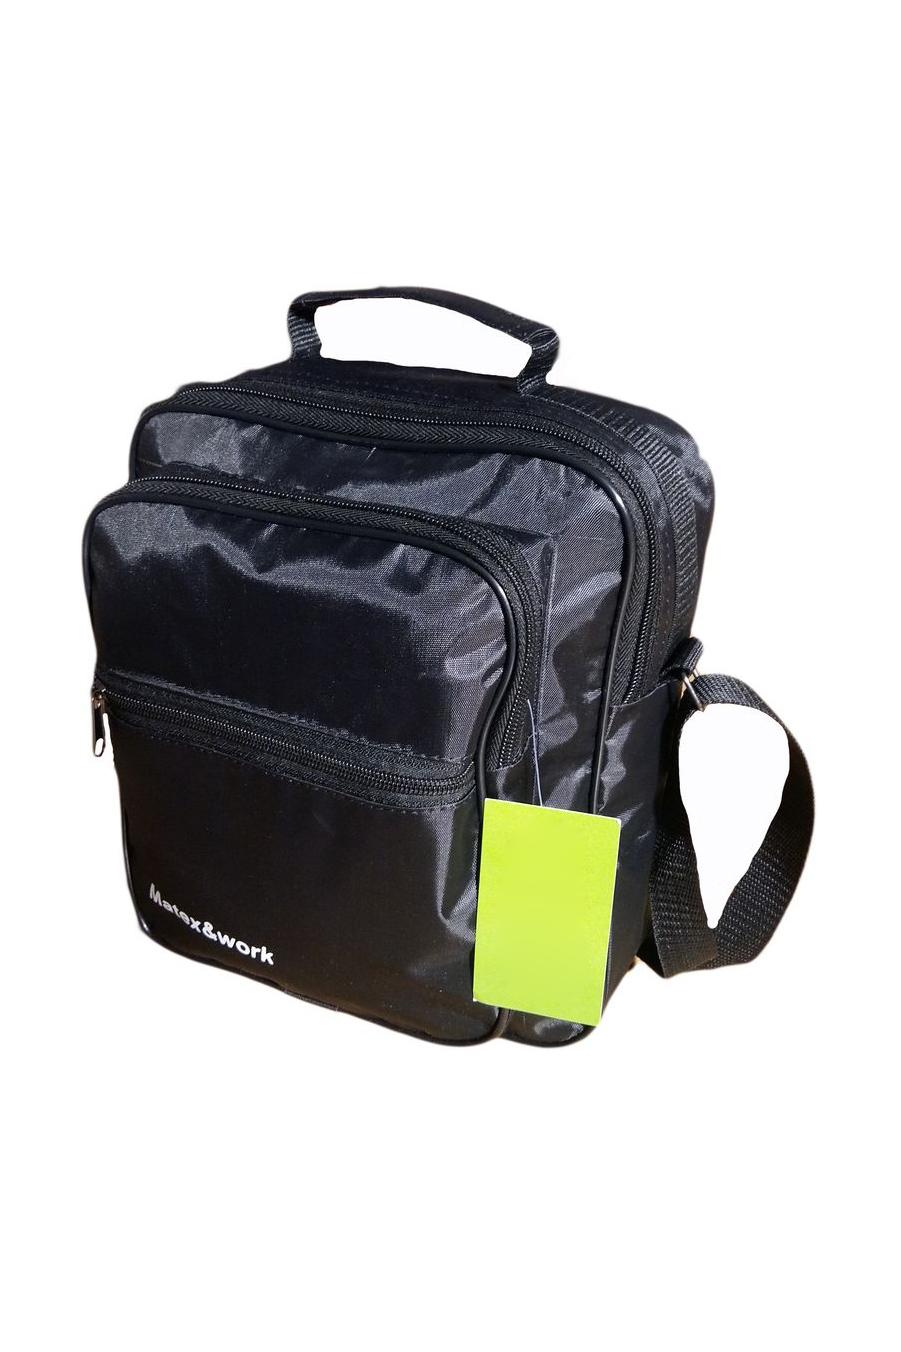 СумкаДеловые<br>Удобная и вместительная мужская сумка.  Размеры: 23*9*28 см  Цвет: черный<br><br>Размер : UNI<br>Материал: Полиэстер<br>Количество в наличии: 2